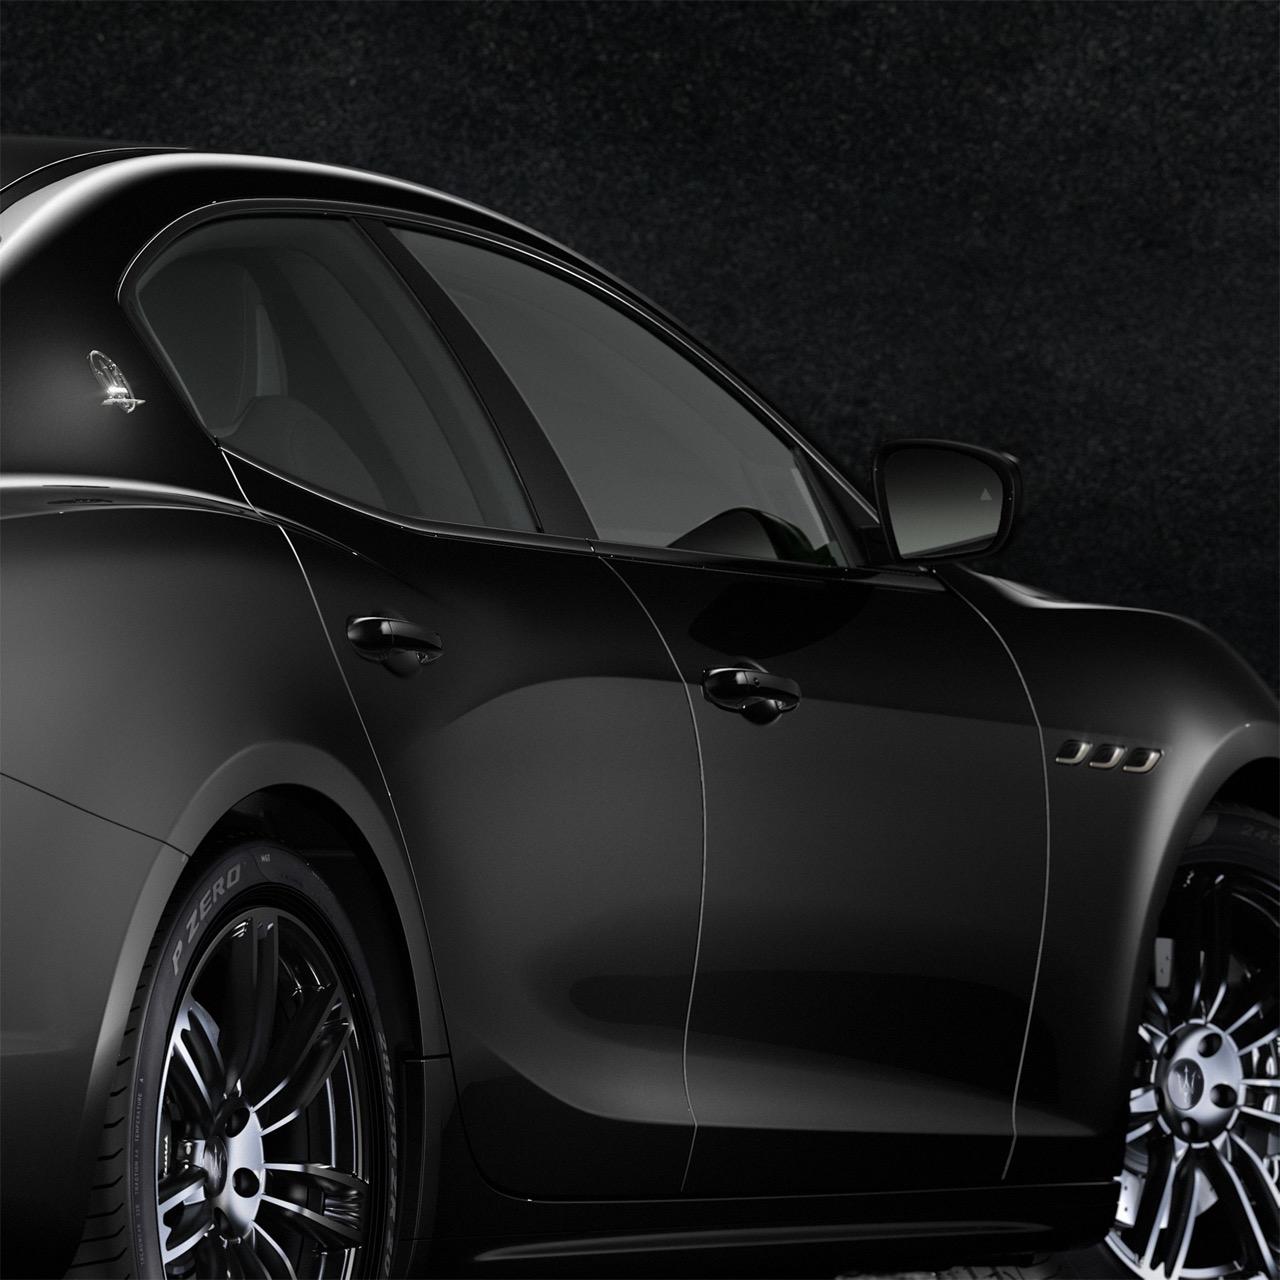 Maserati-Geneve-Nerissimo-06